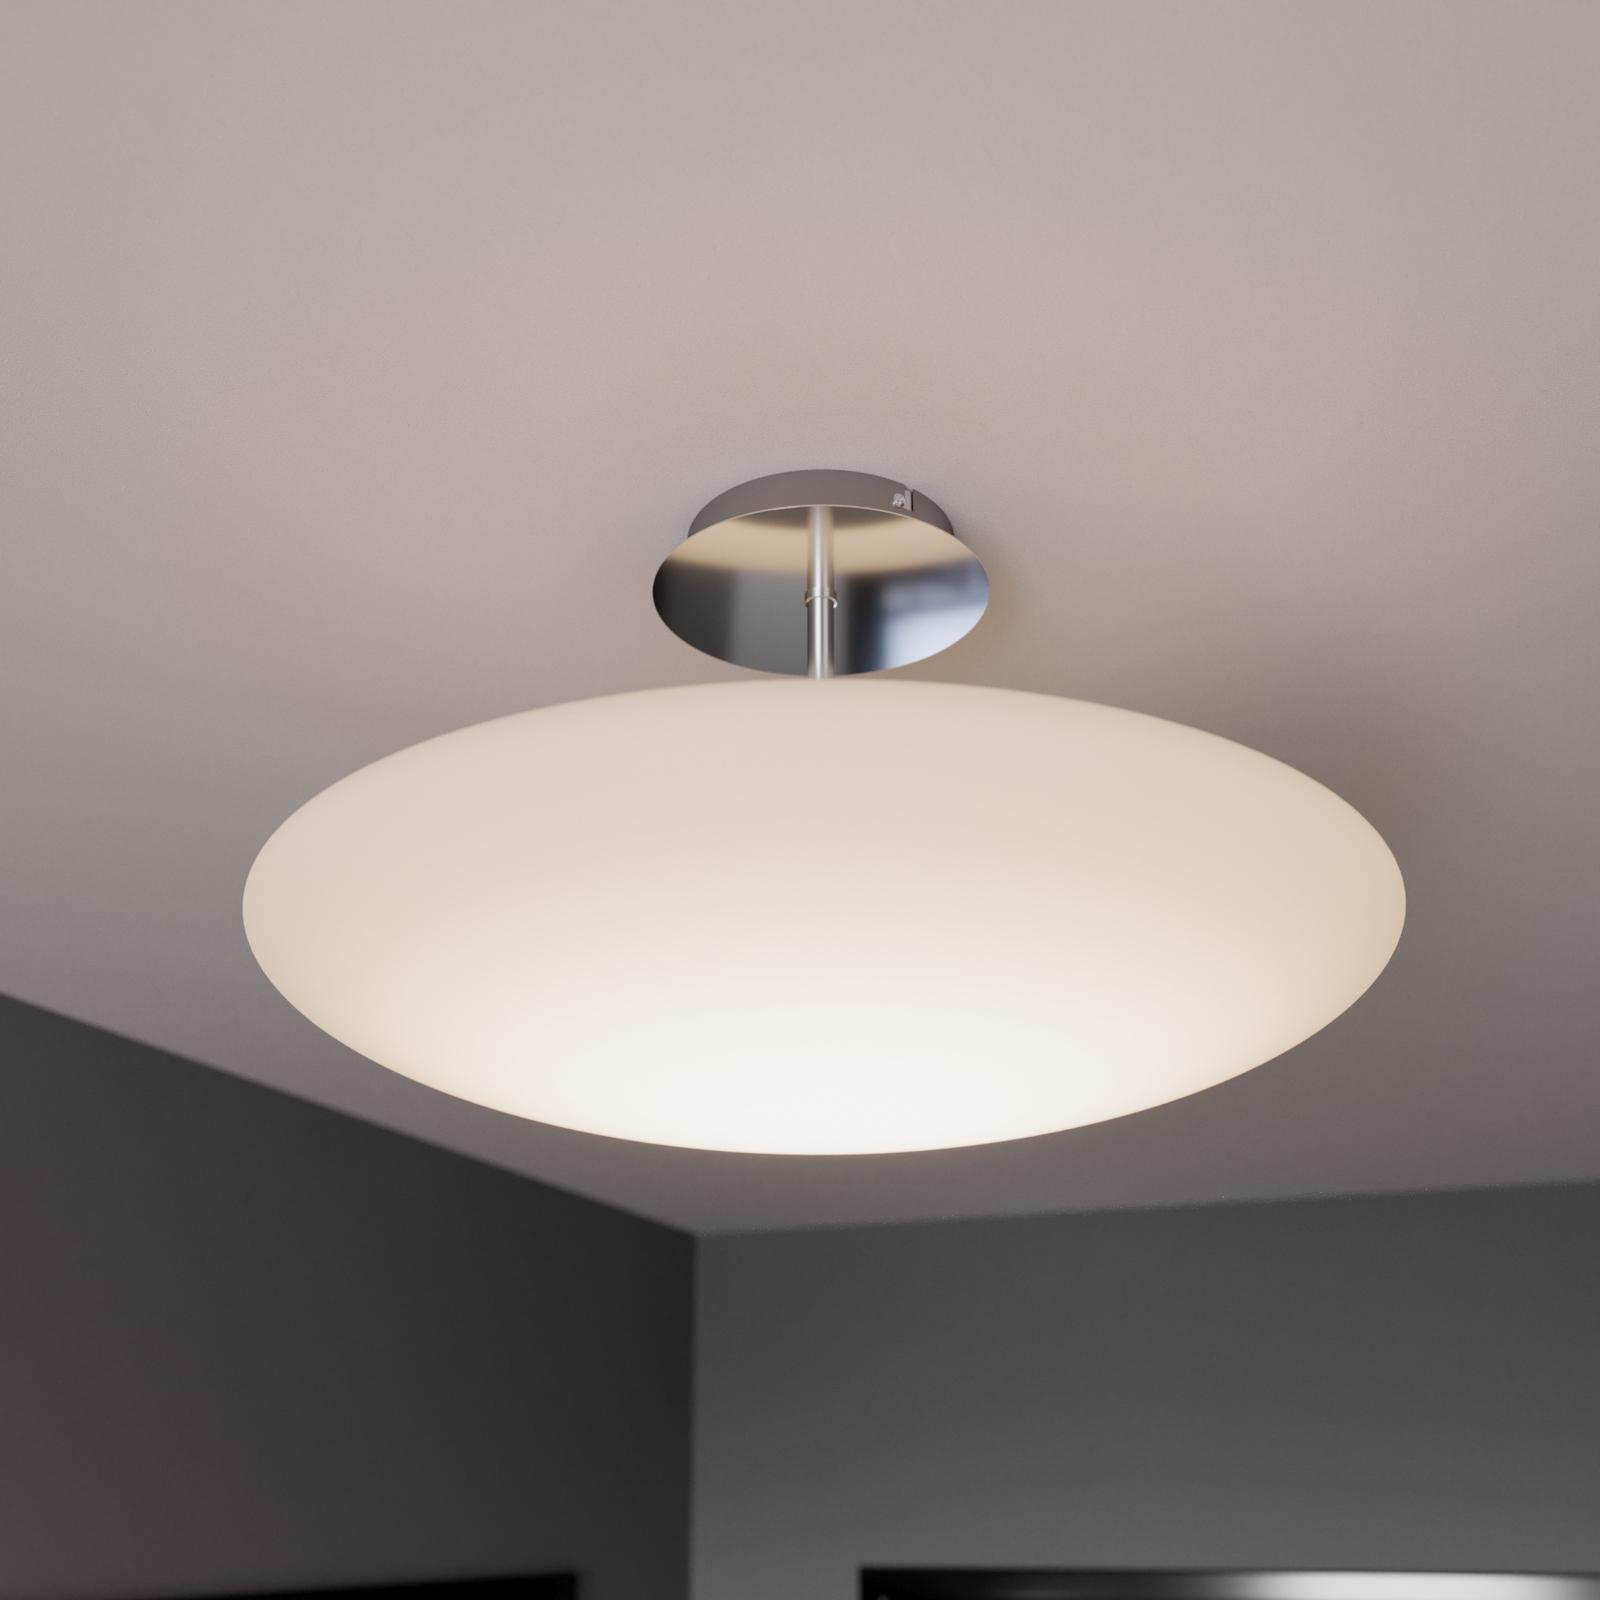 LED loftlampe Gunda, opalglas, hvid